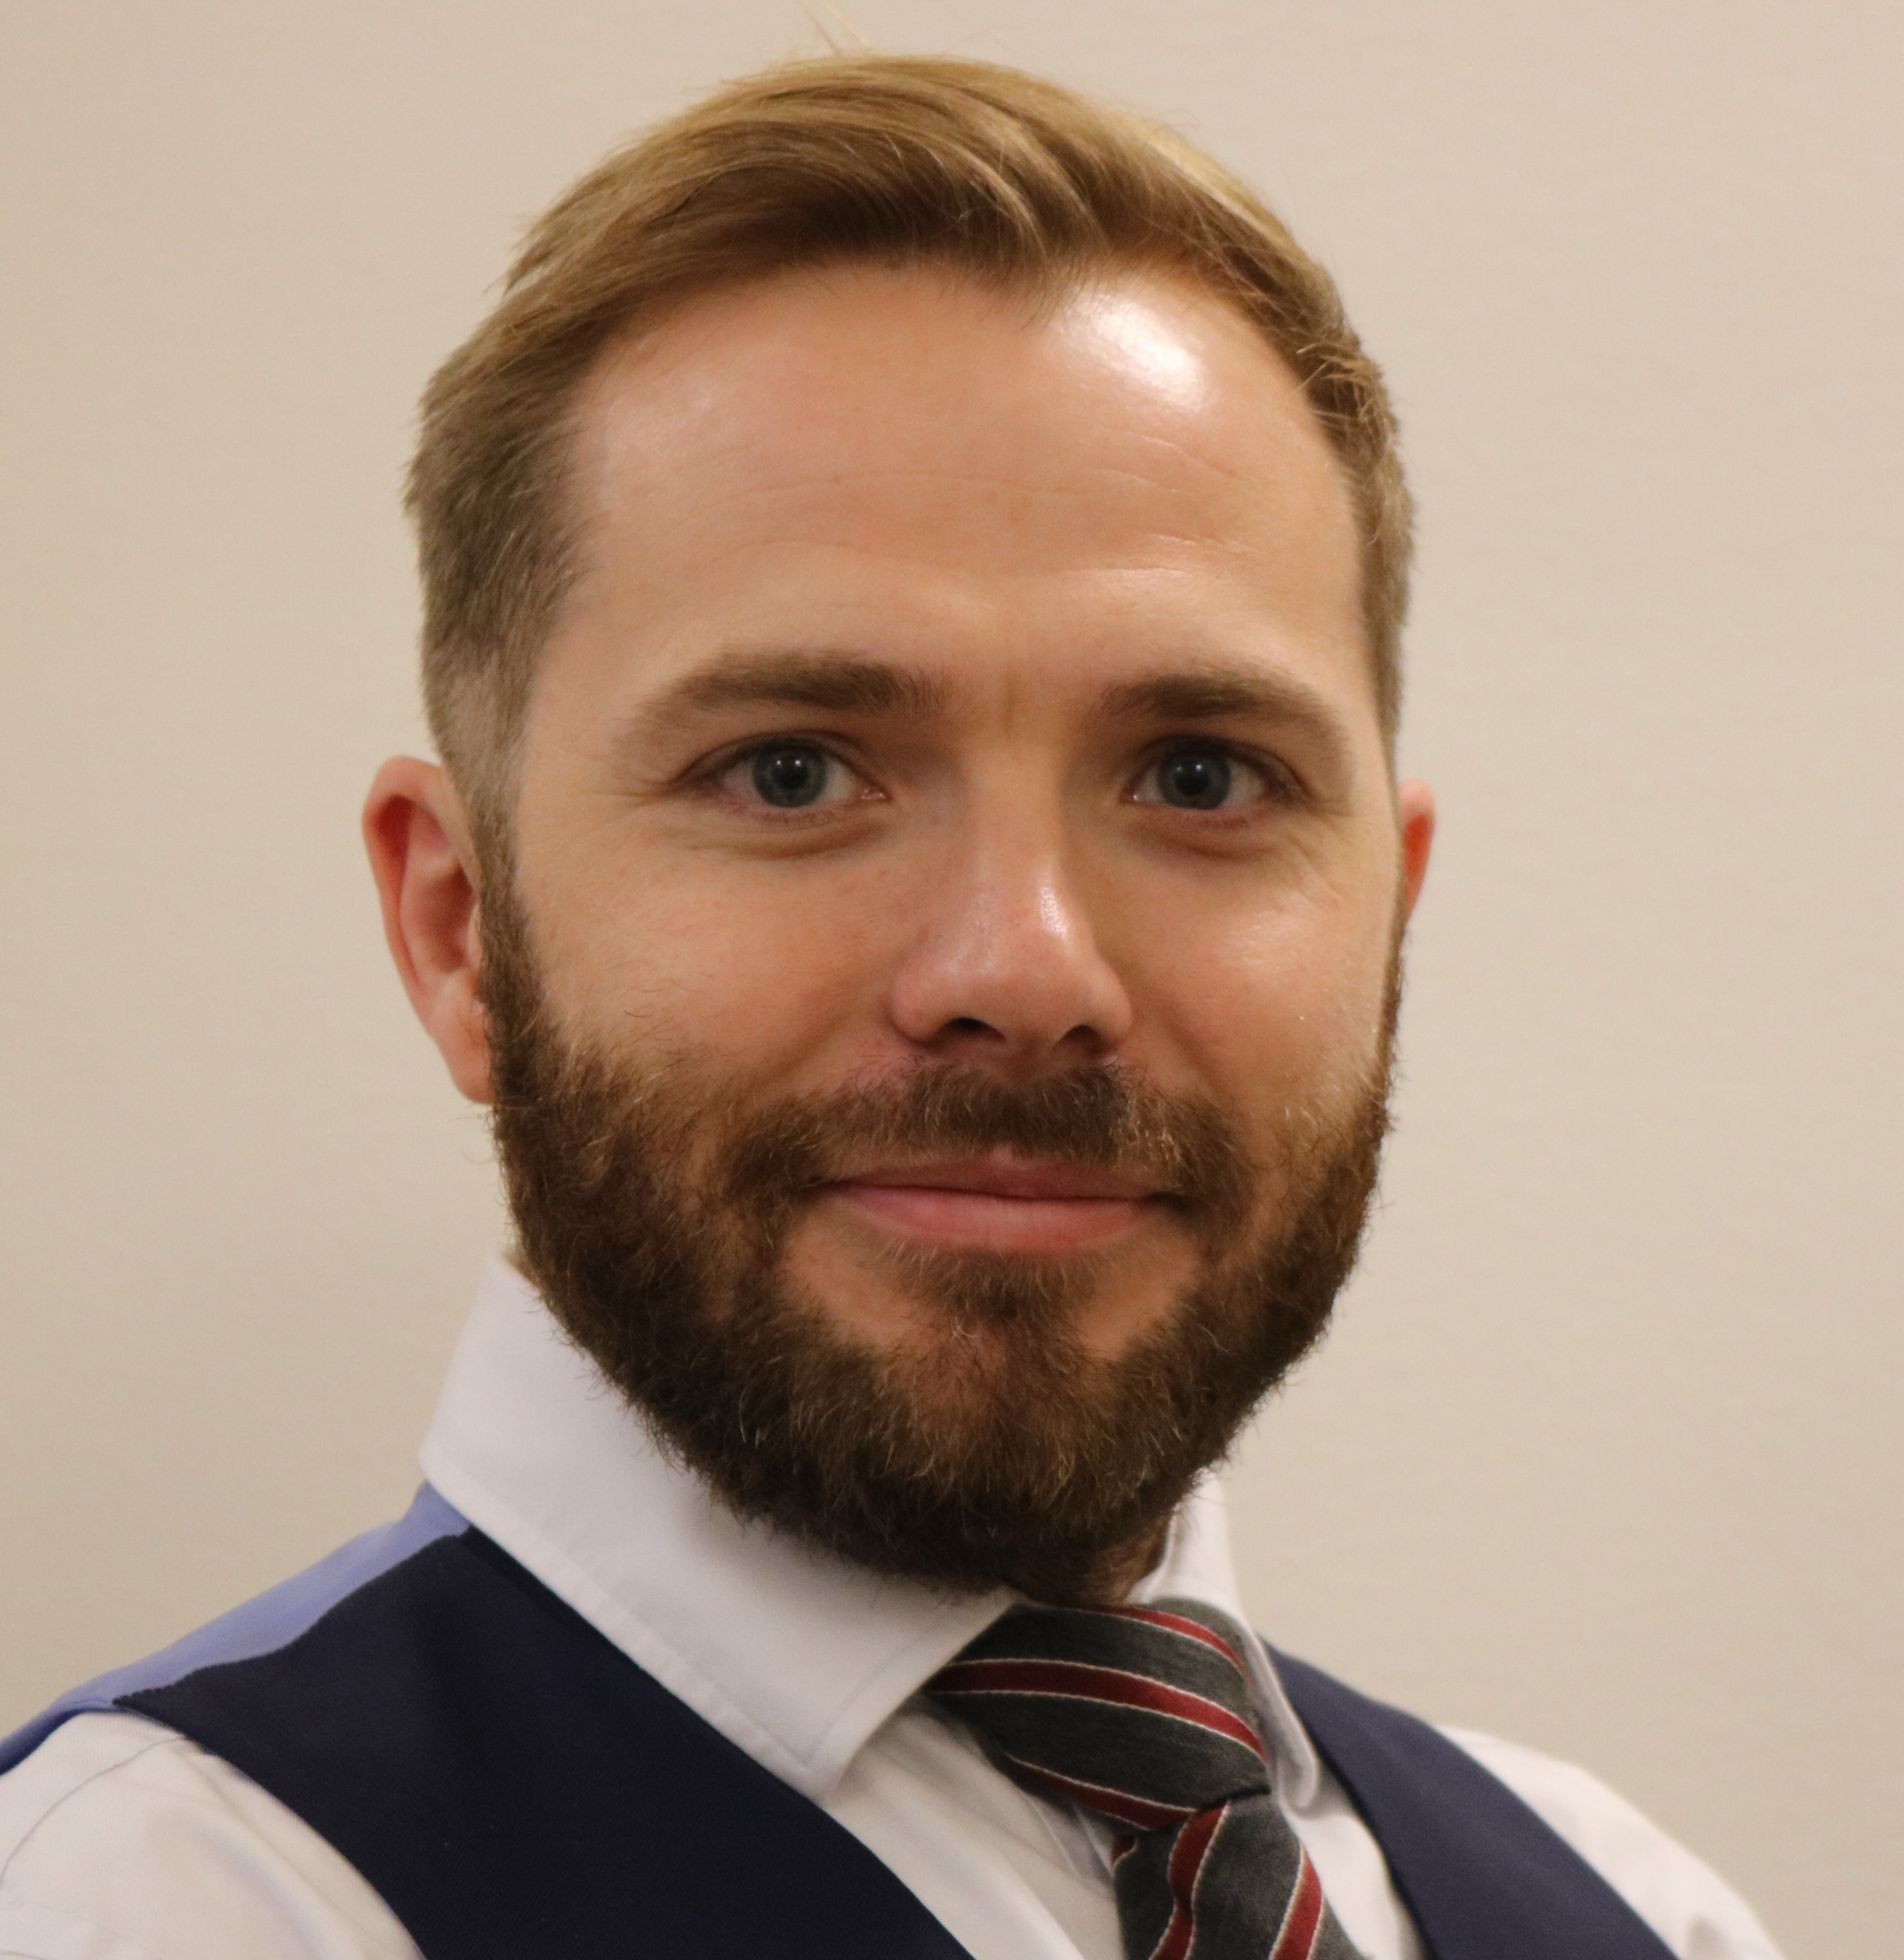 Consultant - Andrew Beard